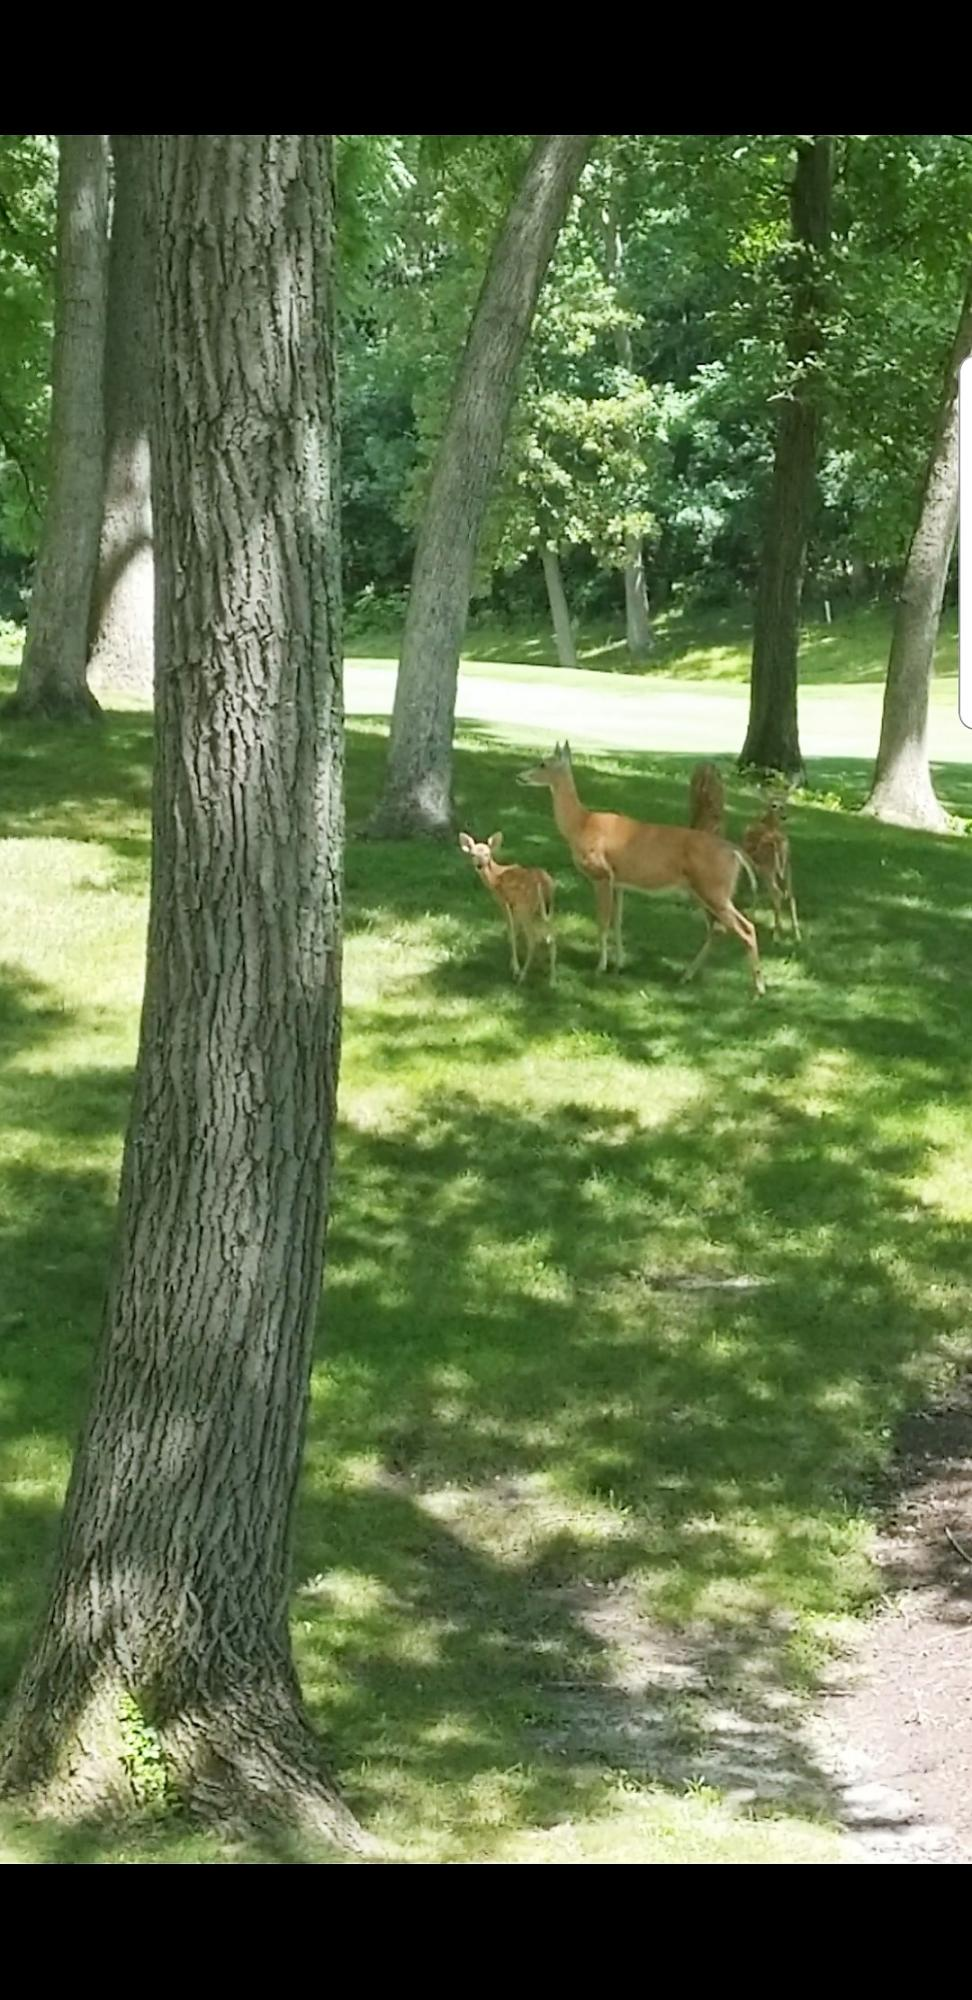 1237 Deer 2